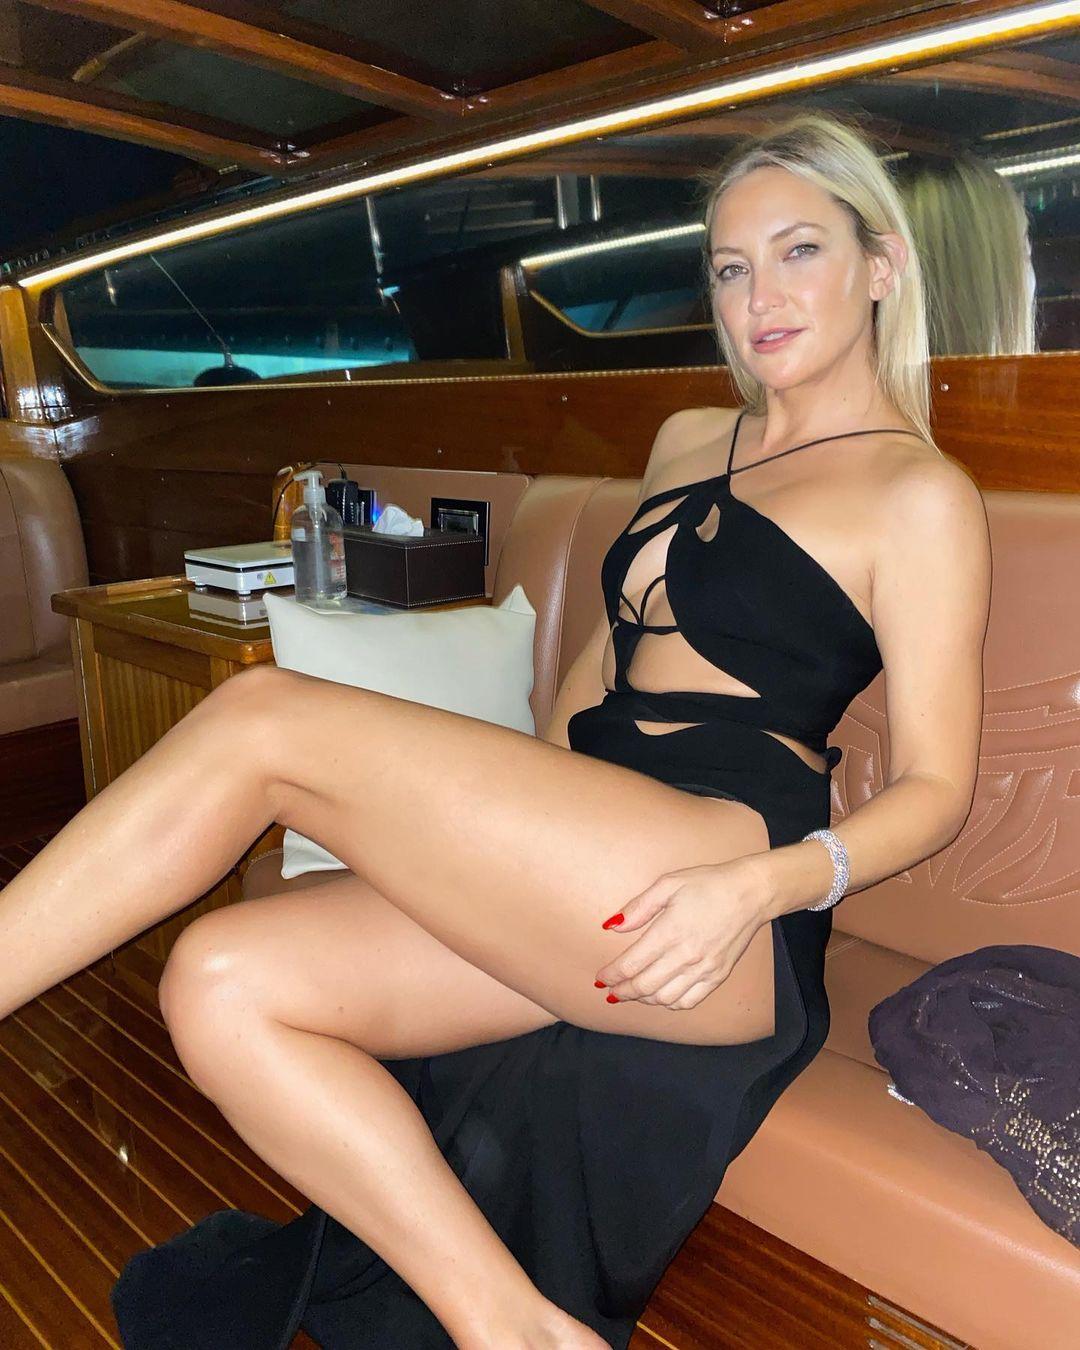 Кейт Хадсон демонстрирует самый сексуальный образ за всю карьеру-Фото 1